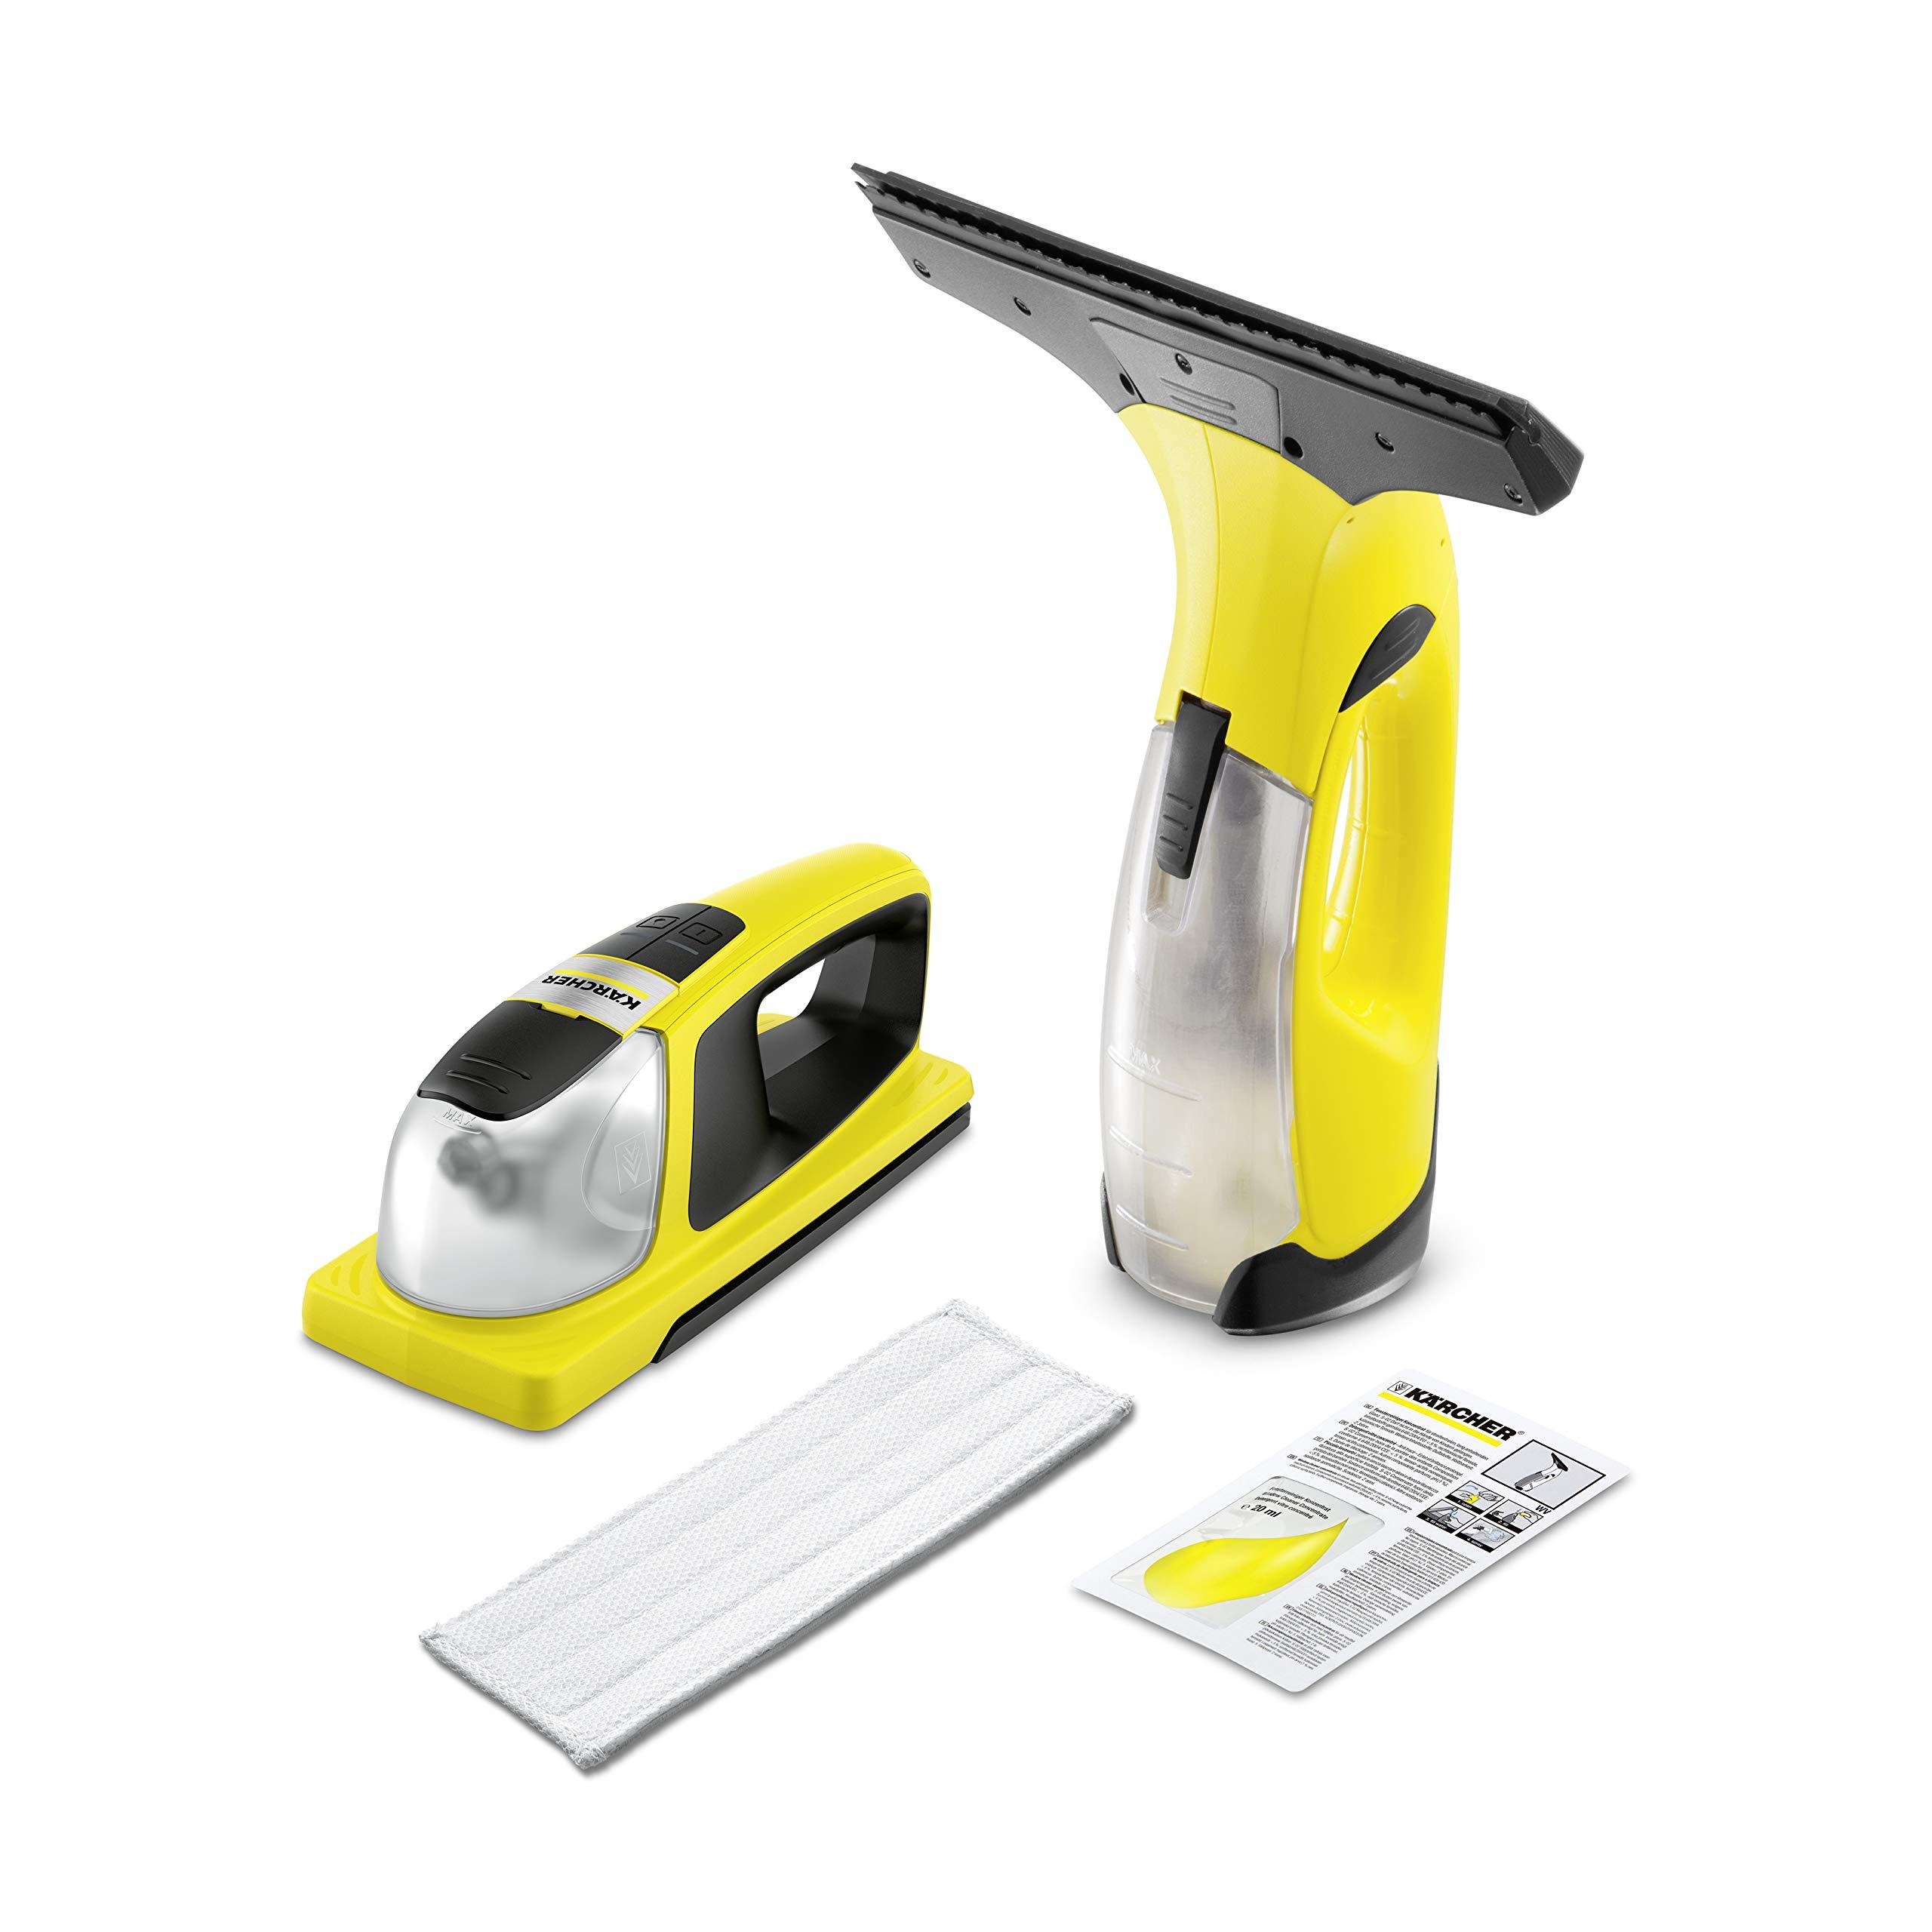 Kärcher 1.633-218.0 Aspirador de Ventanas WV 2 Plus N y Limpiador con vibración KV 4 (duración 35 min, Peso: 0,6 kg, Potencia por Carga de la batería: 75 m2, 2 boquillas Intercambiables): Amazon.es: Bricolaje y herramientas